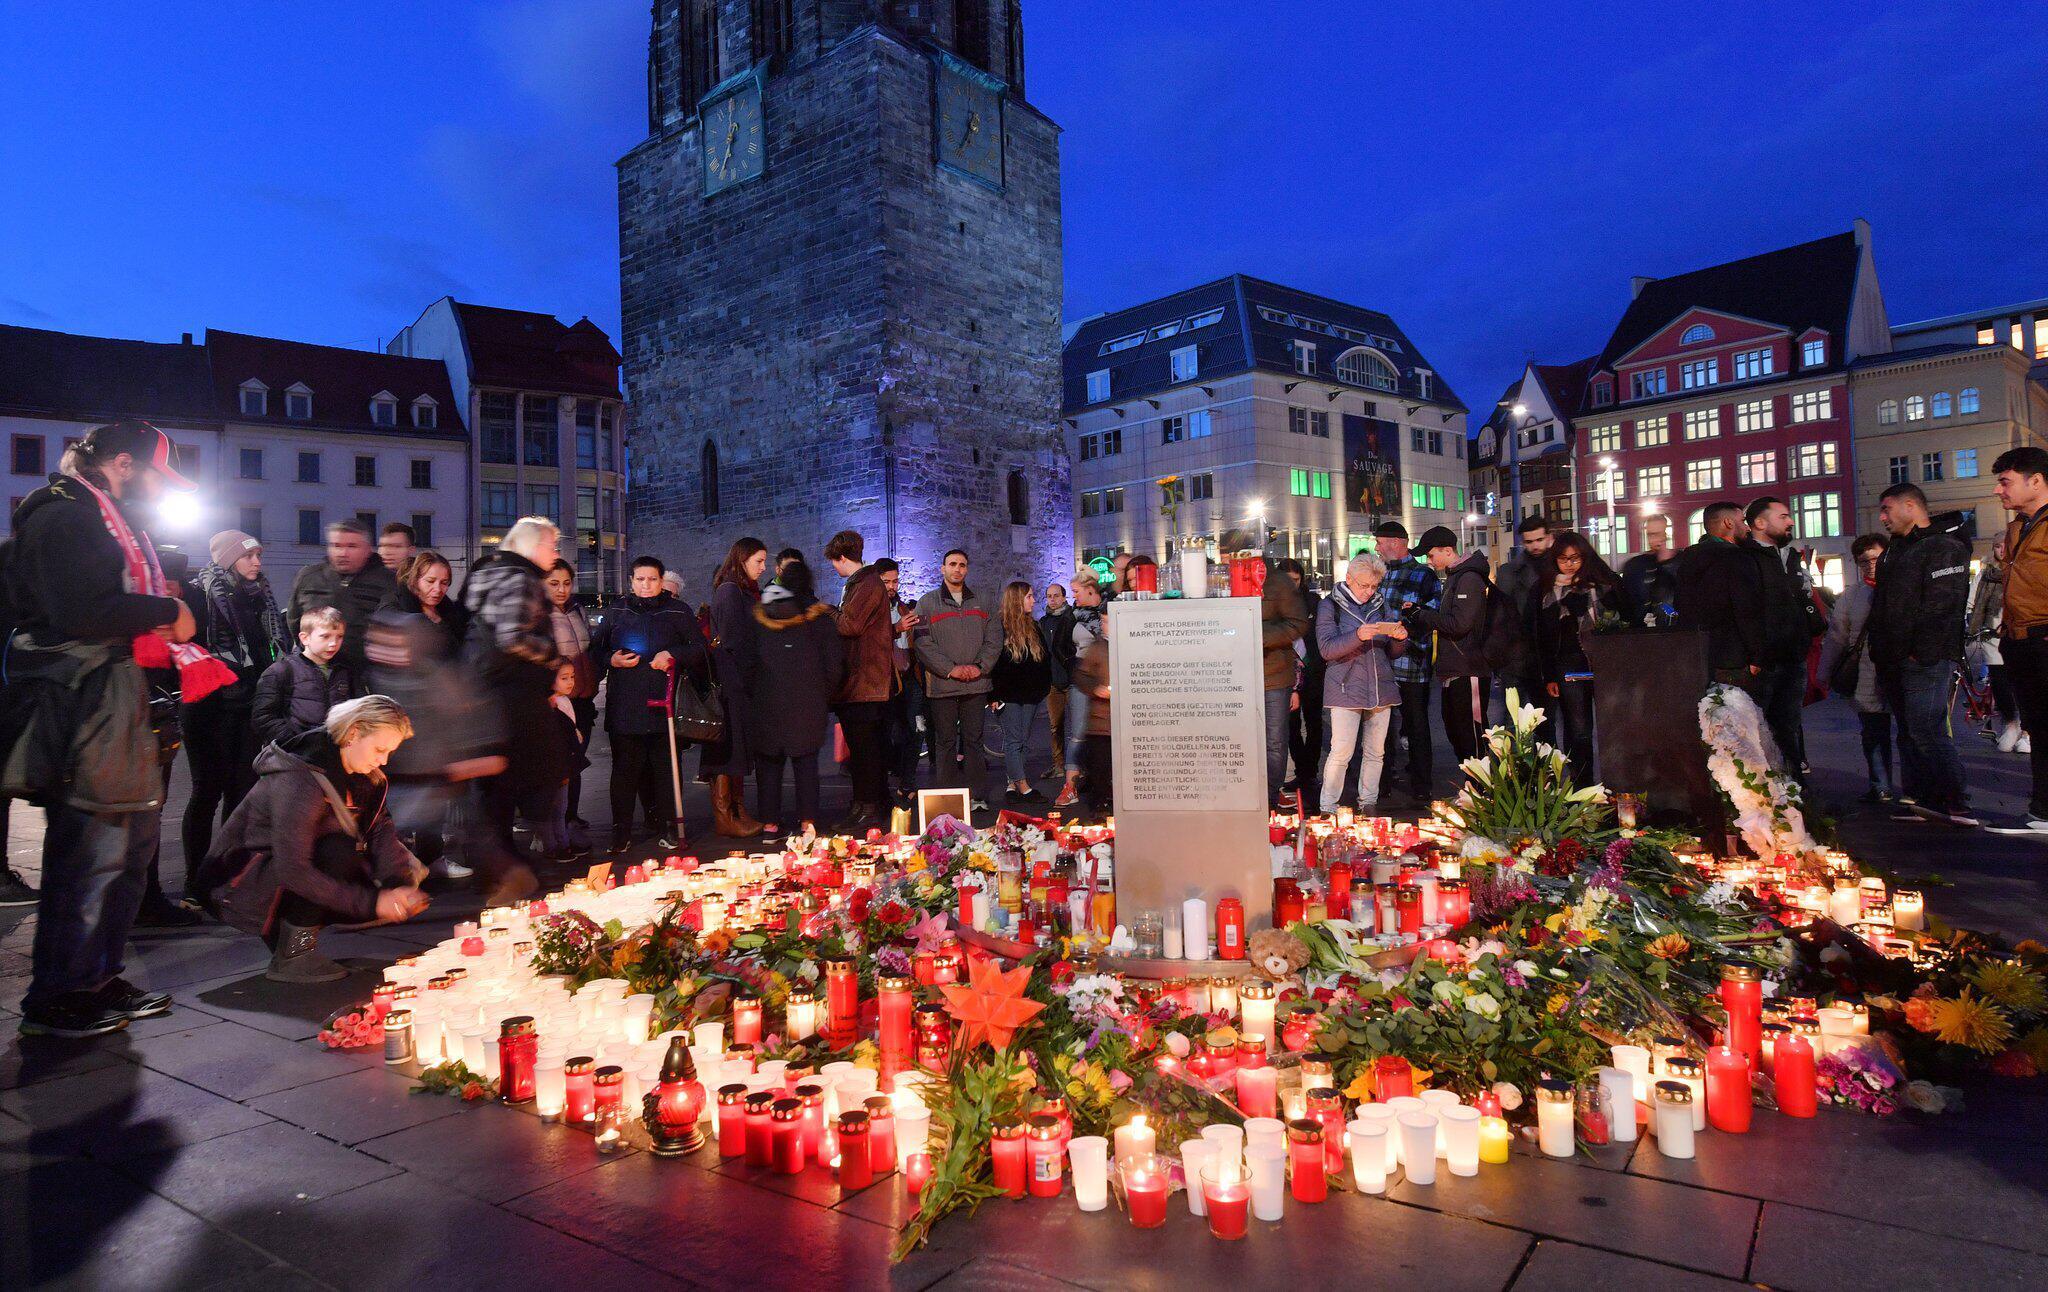 Bild zu Nach Angriff in Halle/Saale - Trauer